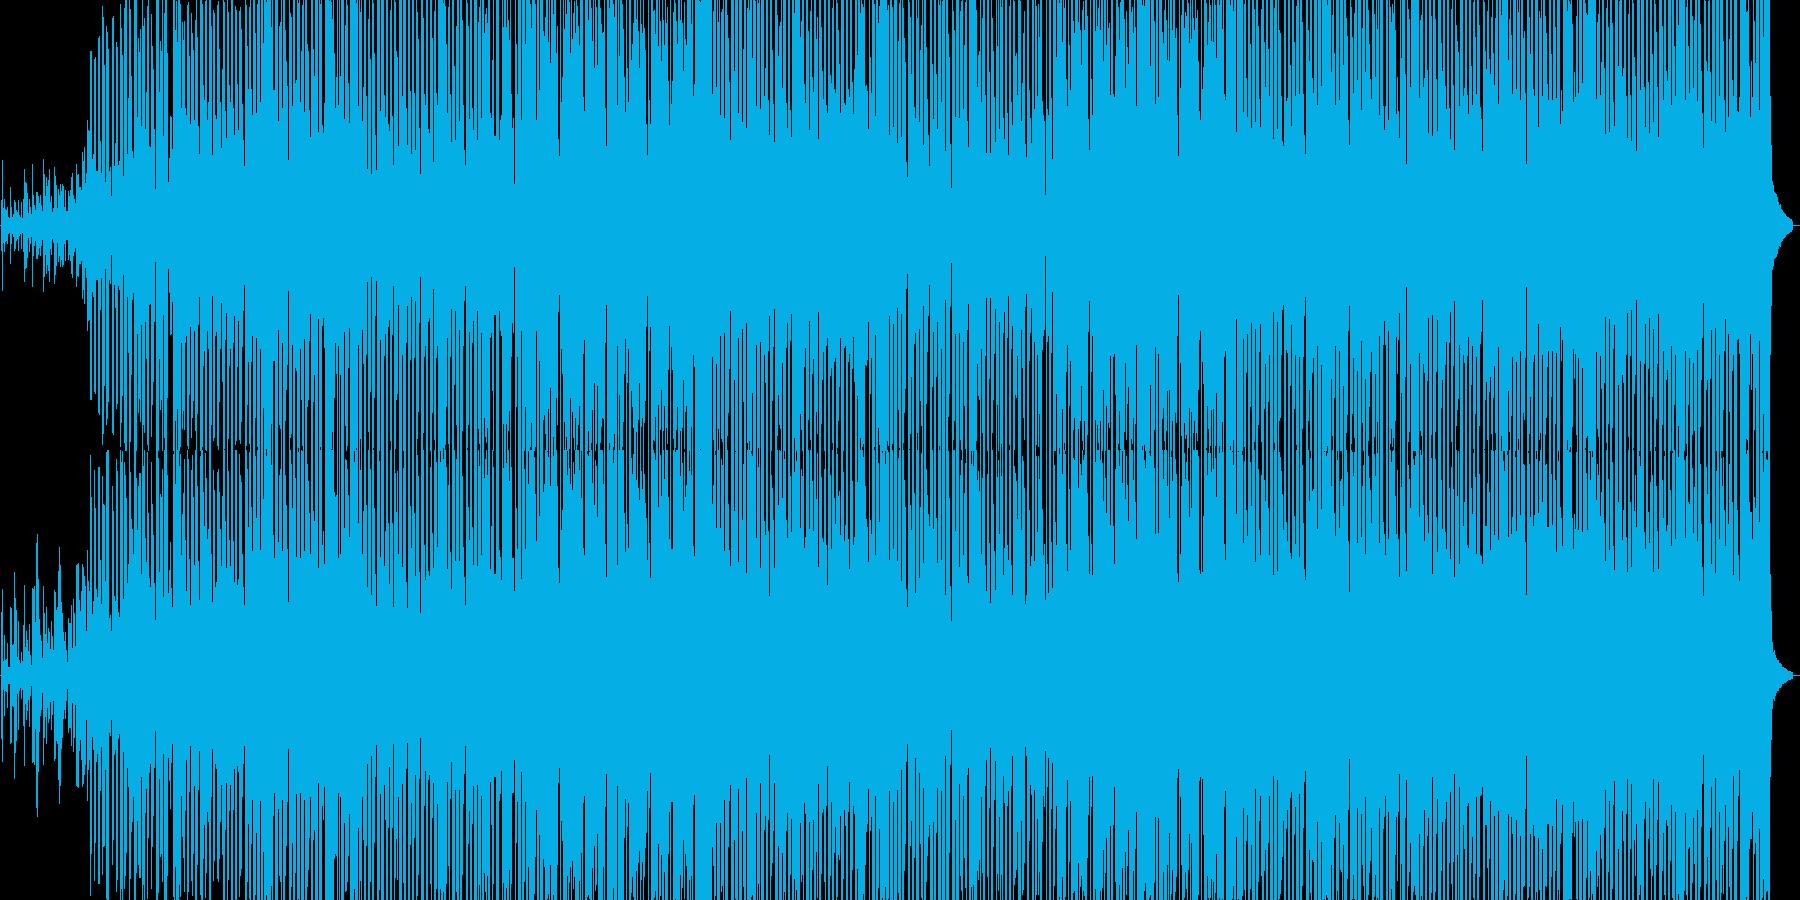 BAD END シンセ 暗いヒップホップの再生済みの波形